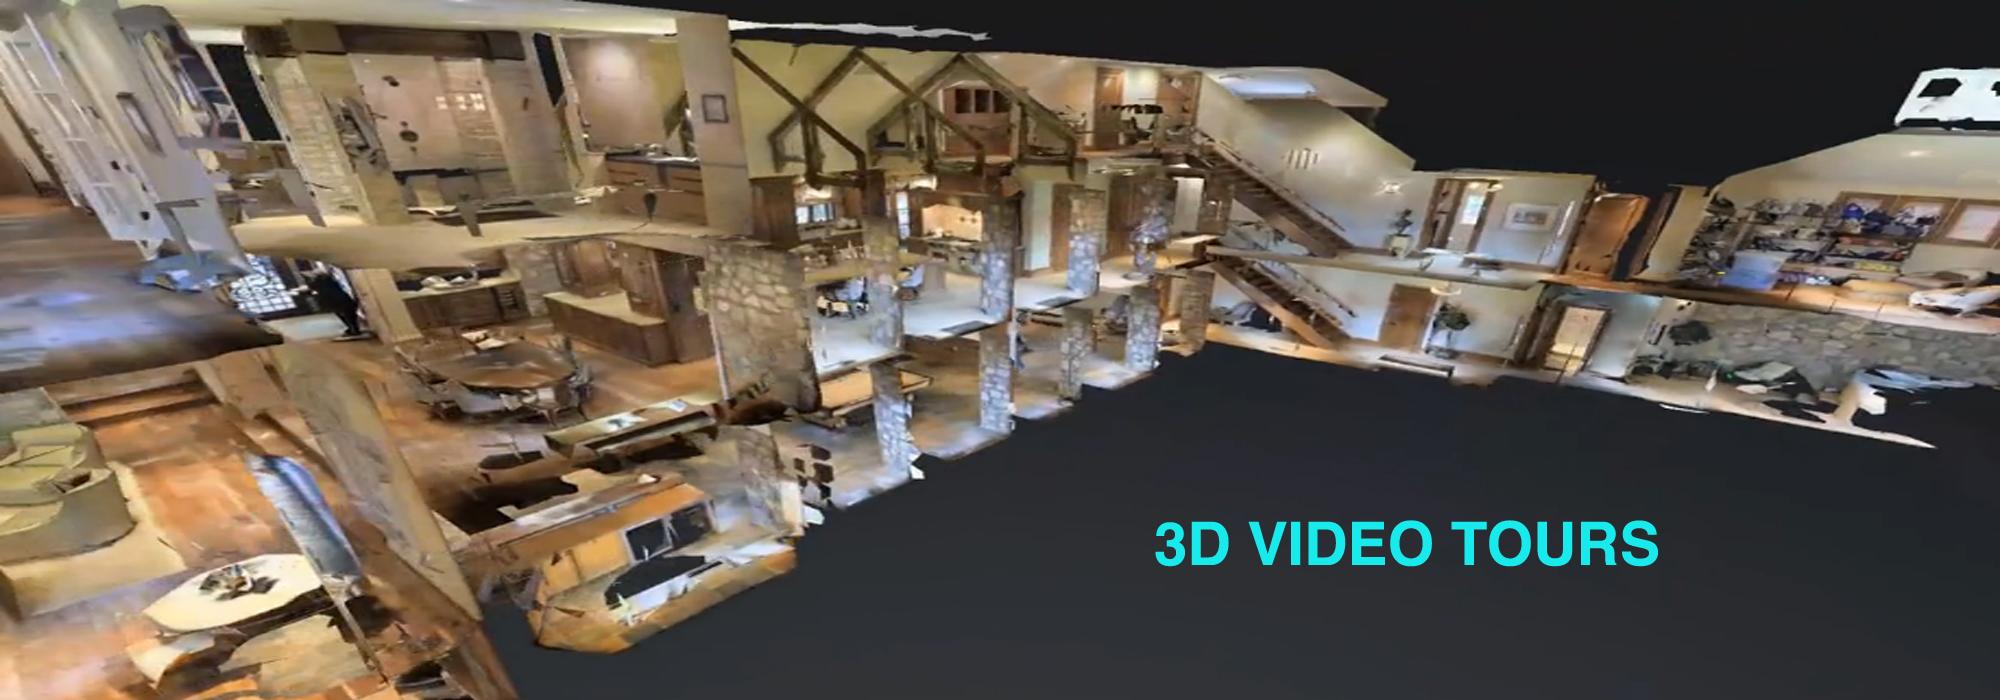 3D_VIDEO-1